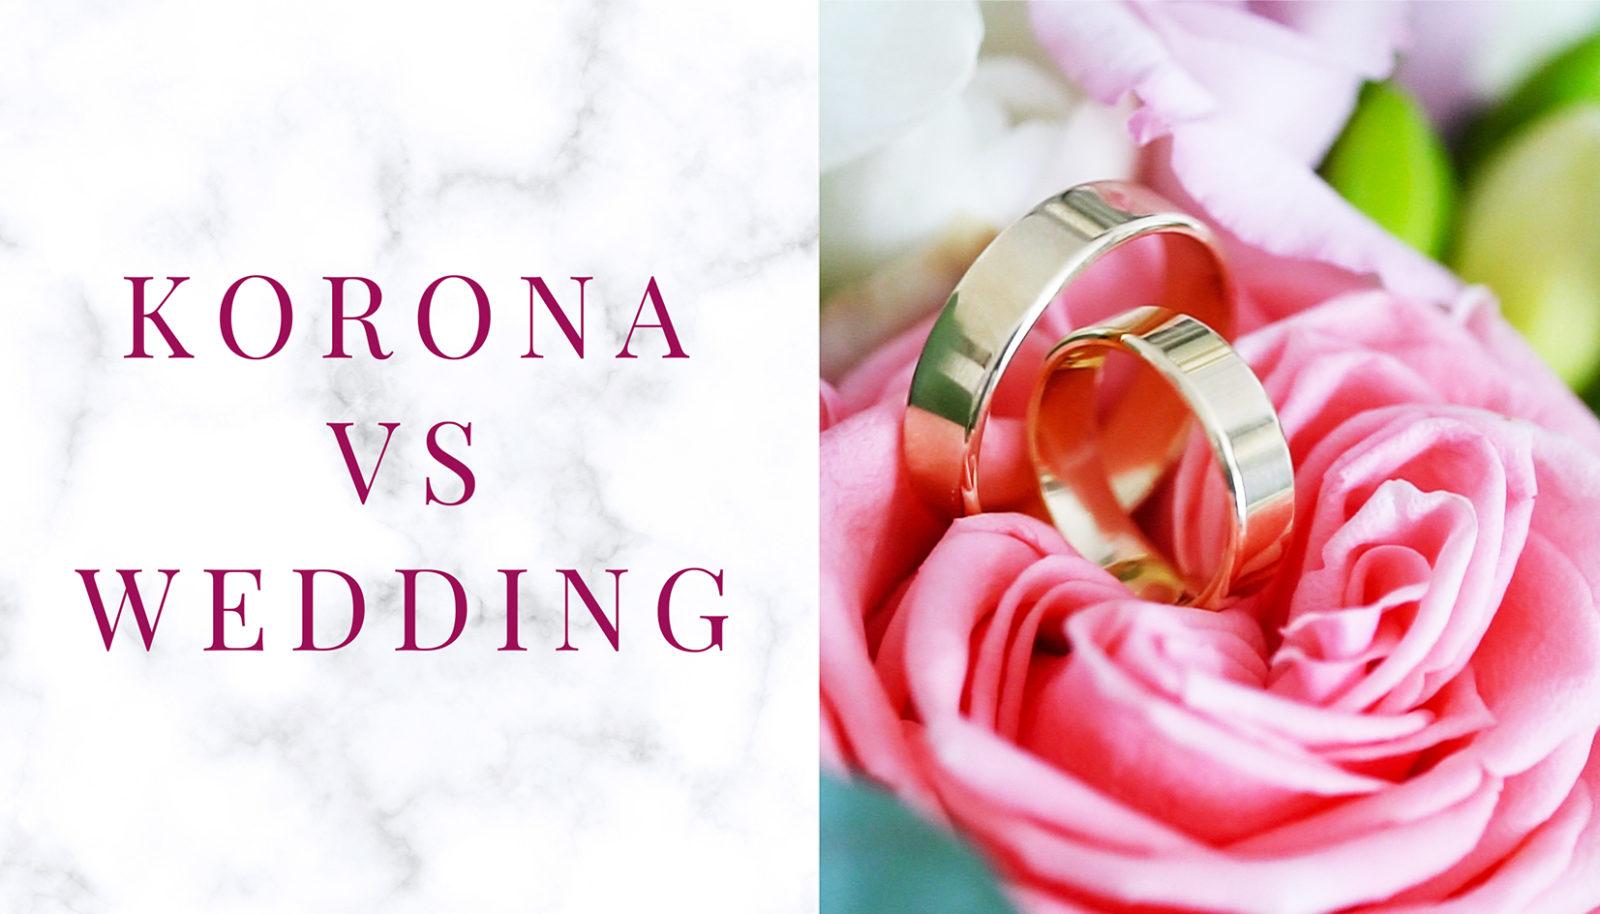 Korona vs Wedding